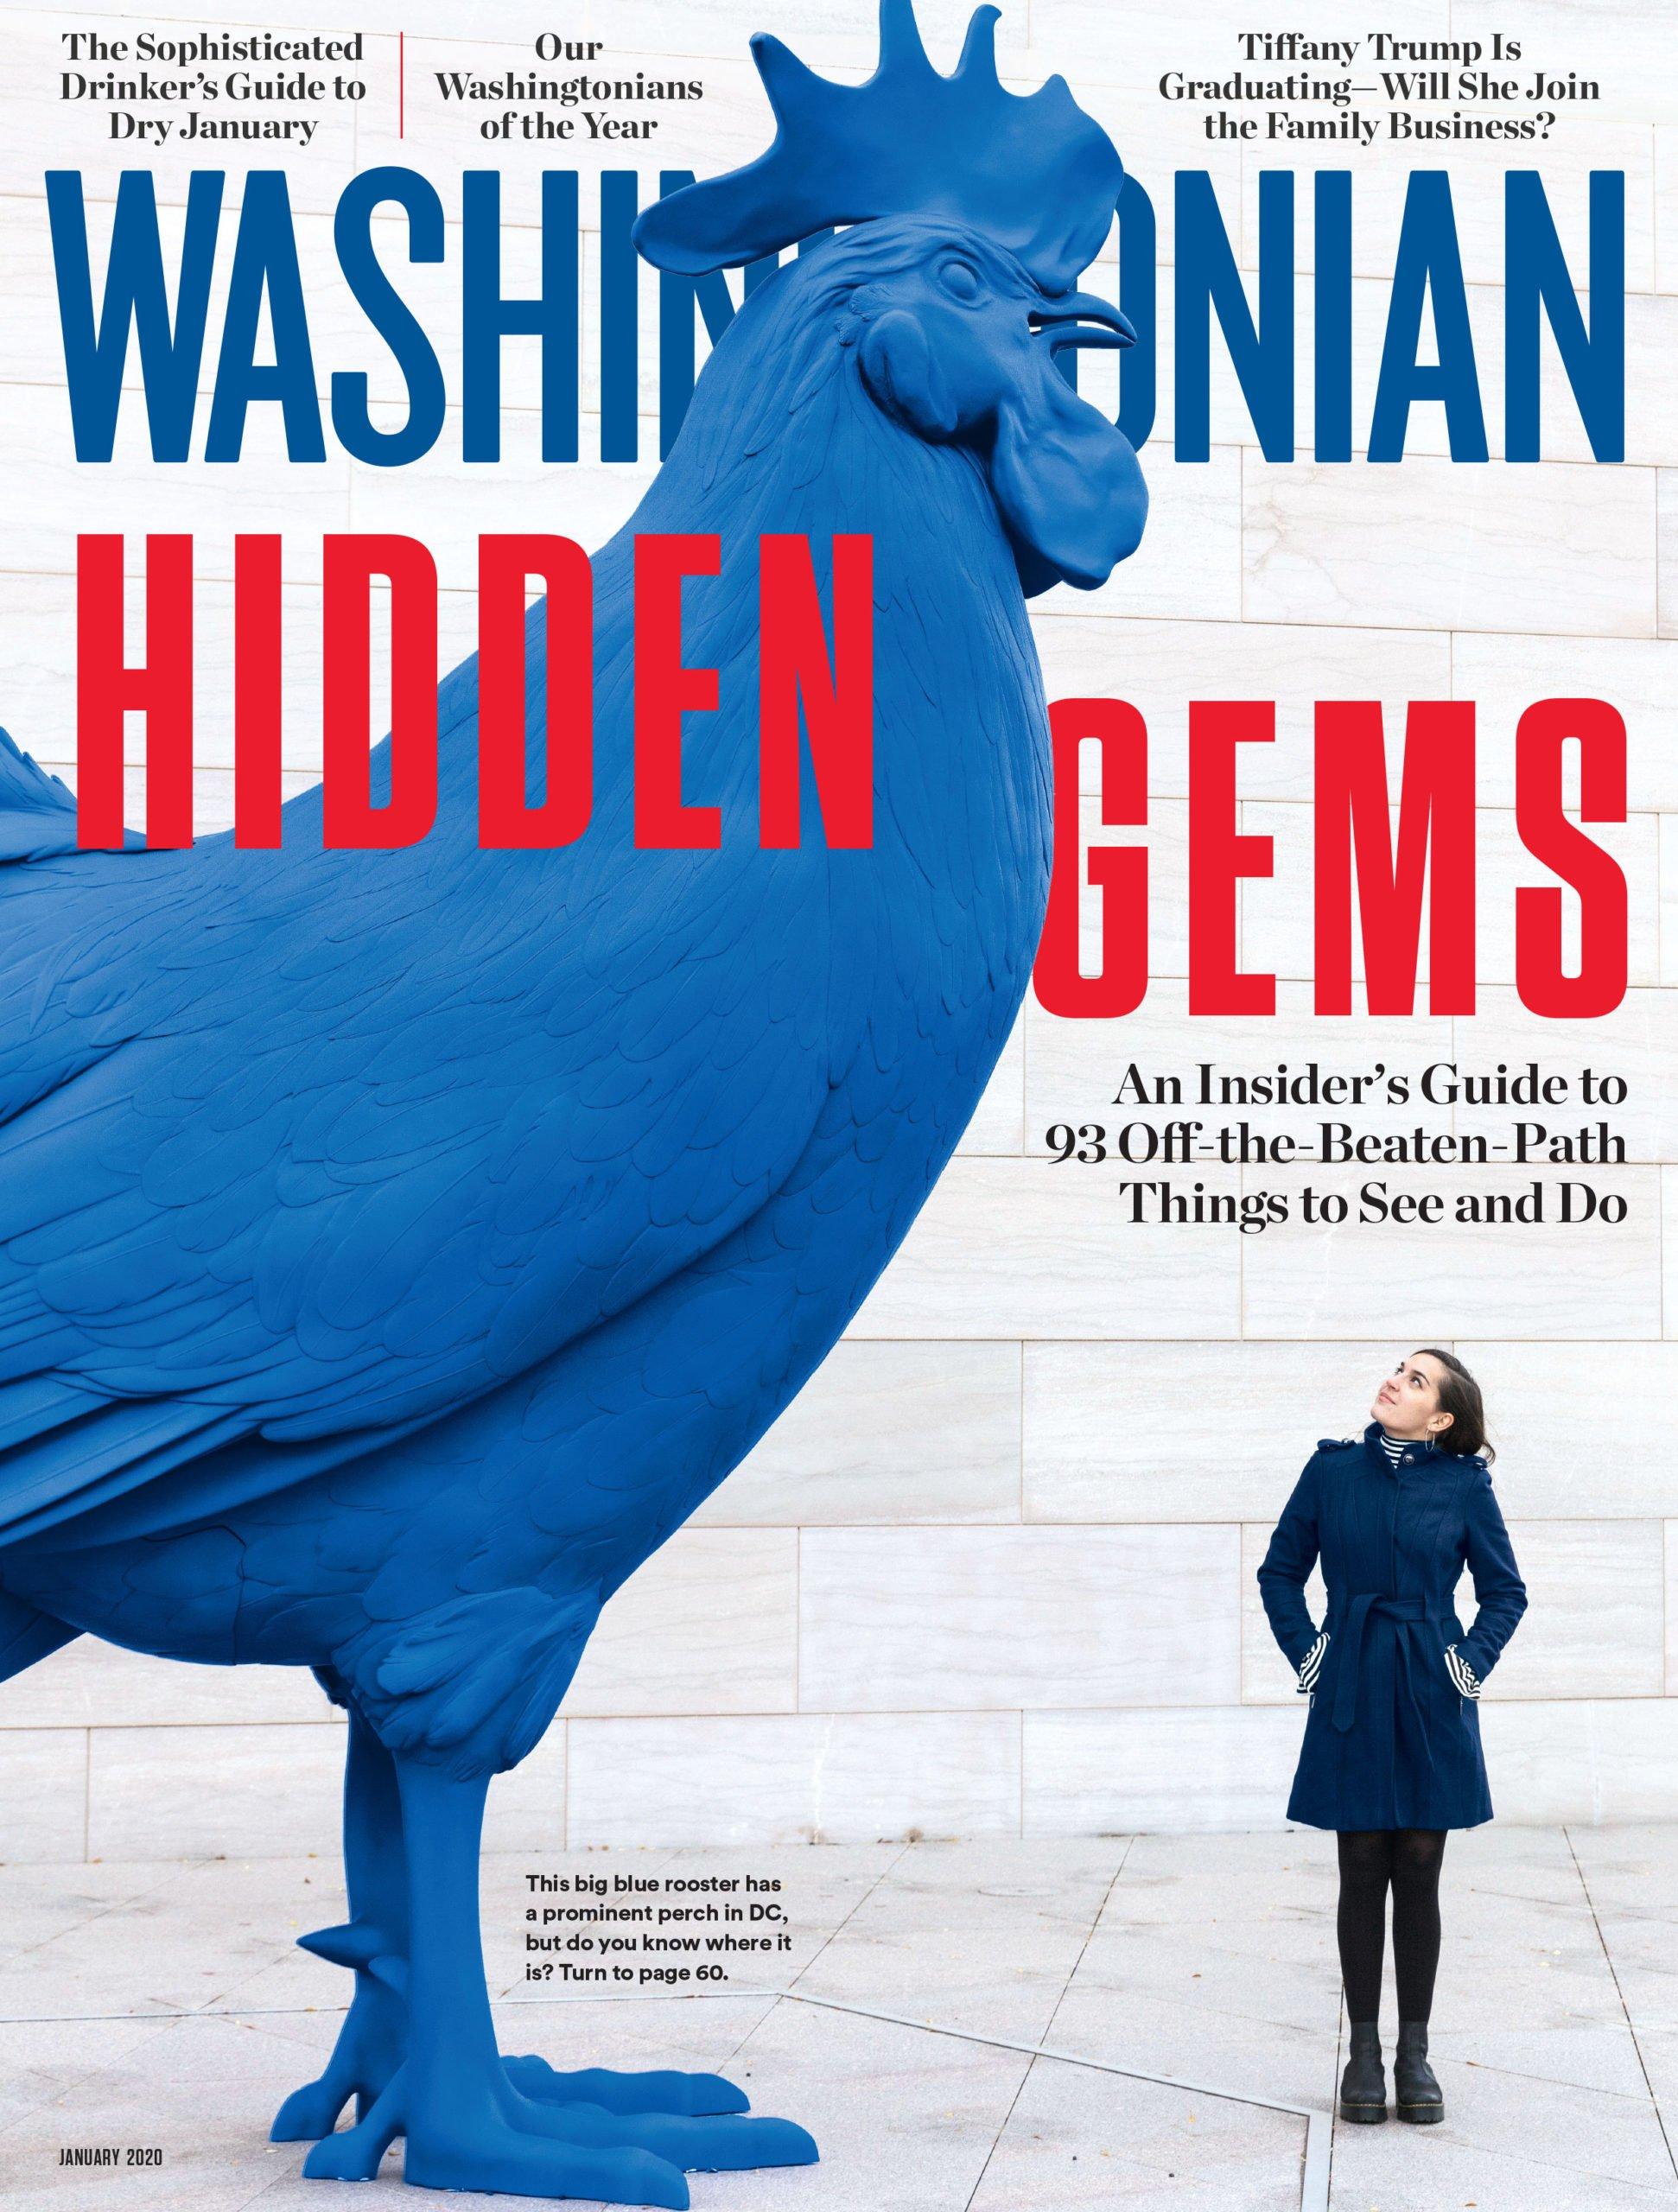 January 2020: Hidden Gems